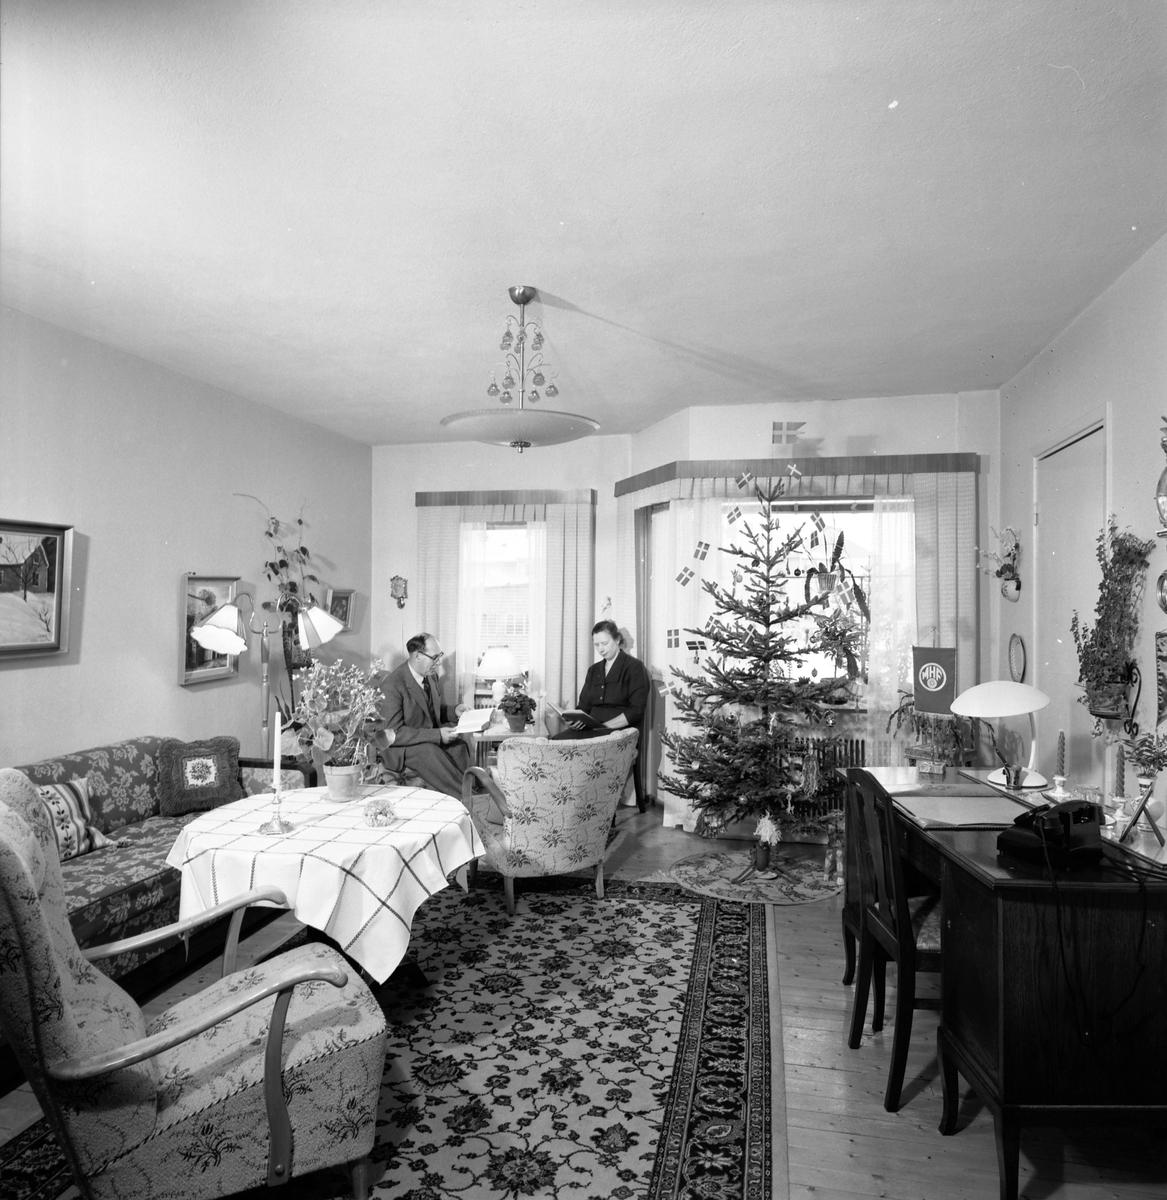 Vardagsrum. Den 21 januari 1957. Bilder för bok